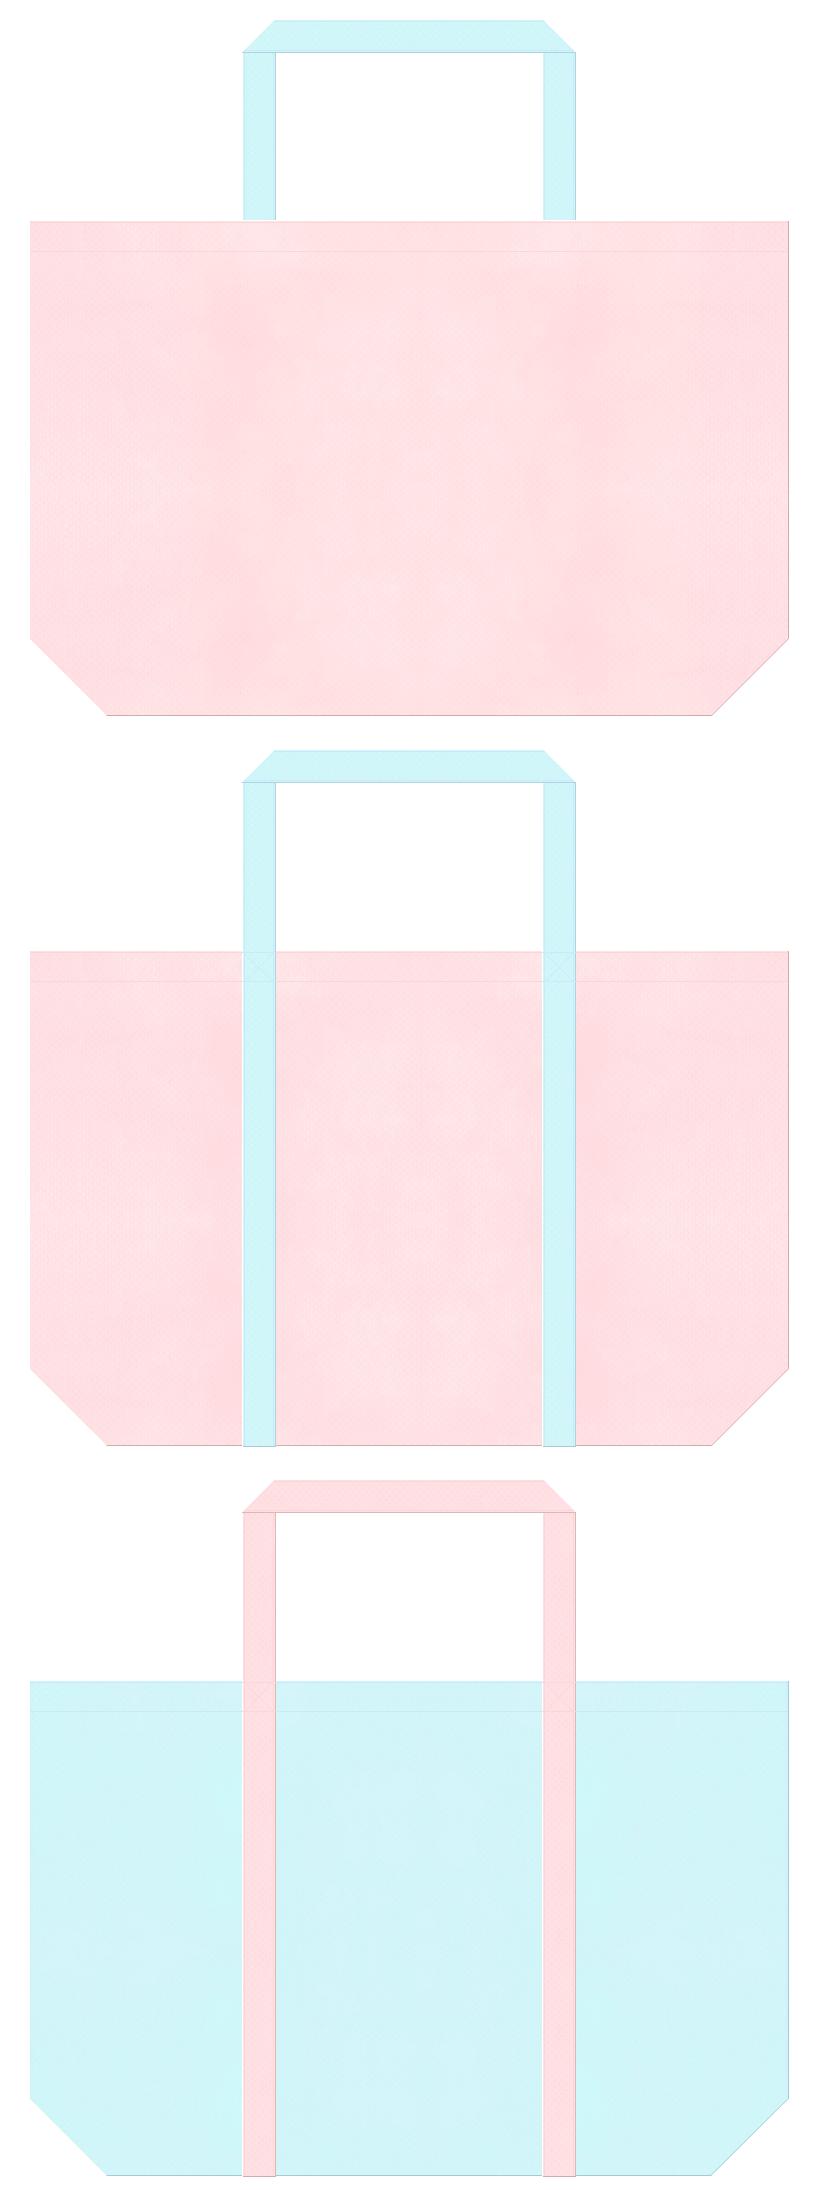 桜色と水色の不織布バッグデザイン。ガーリーファッションのショッピングバッグにお奨めです。